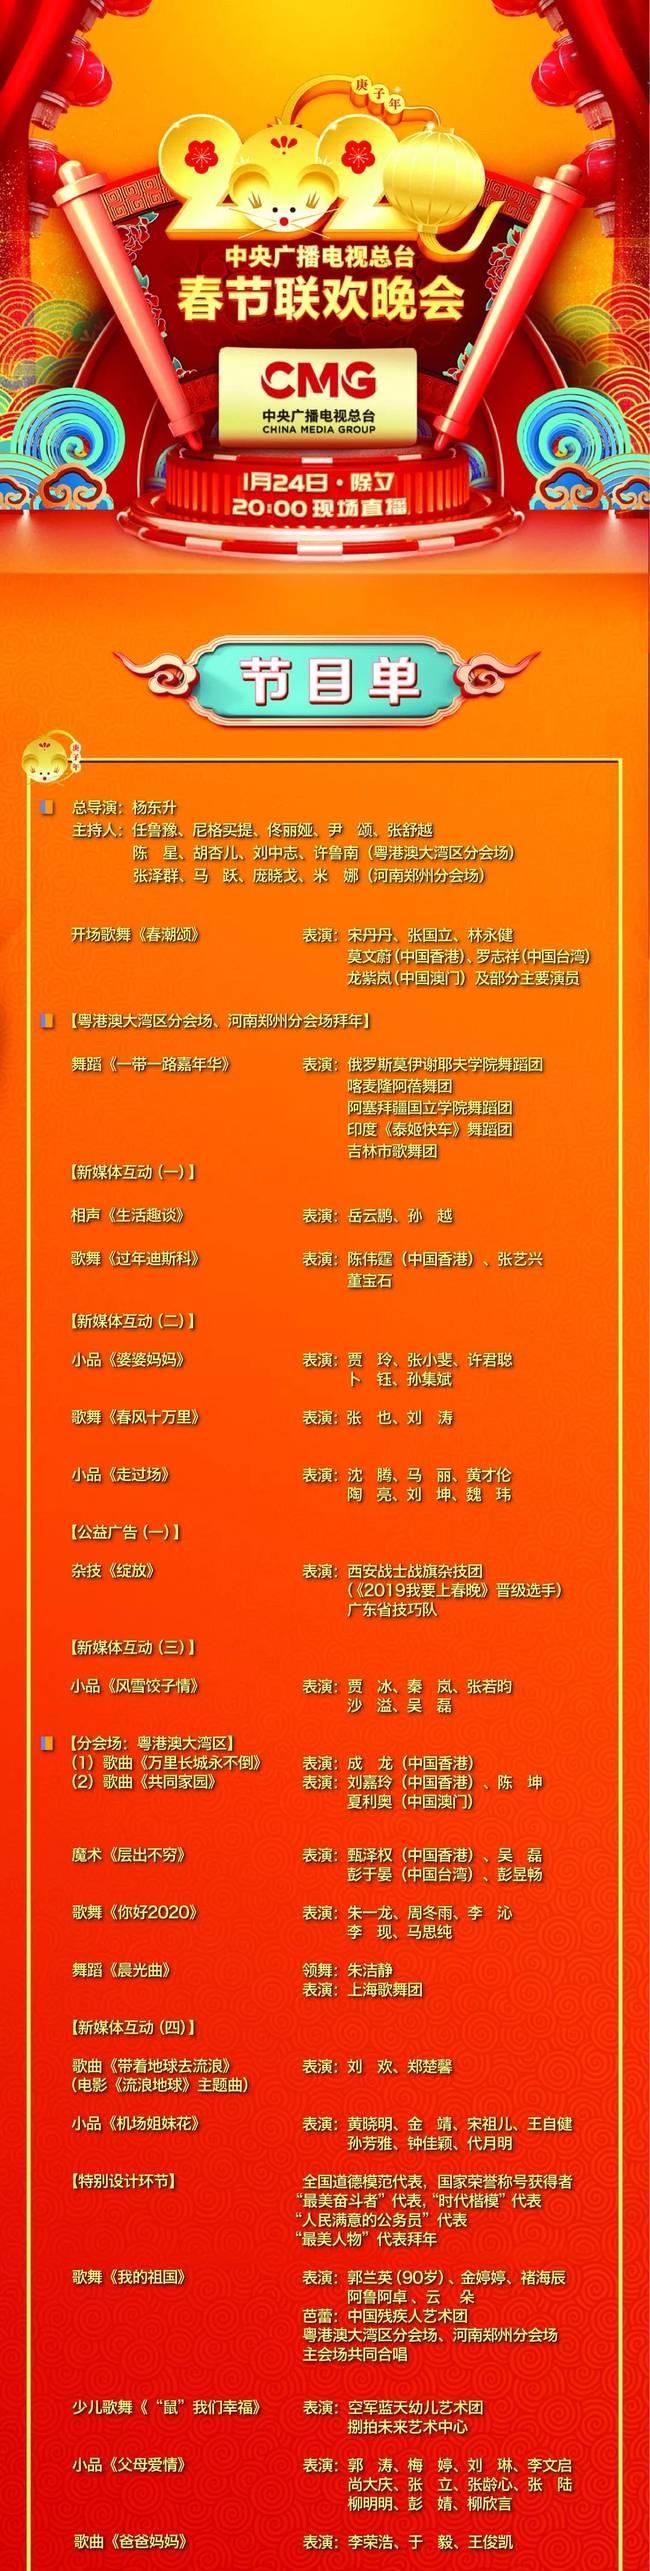 53b84377-6517-4bef-bd8e-f4c5be3cef12.jpg